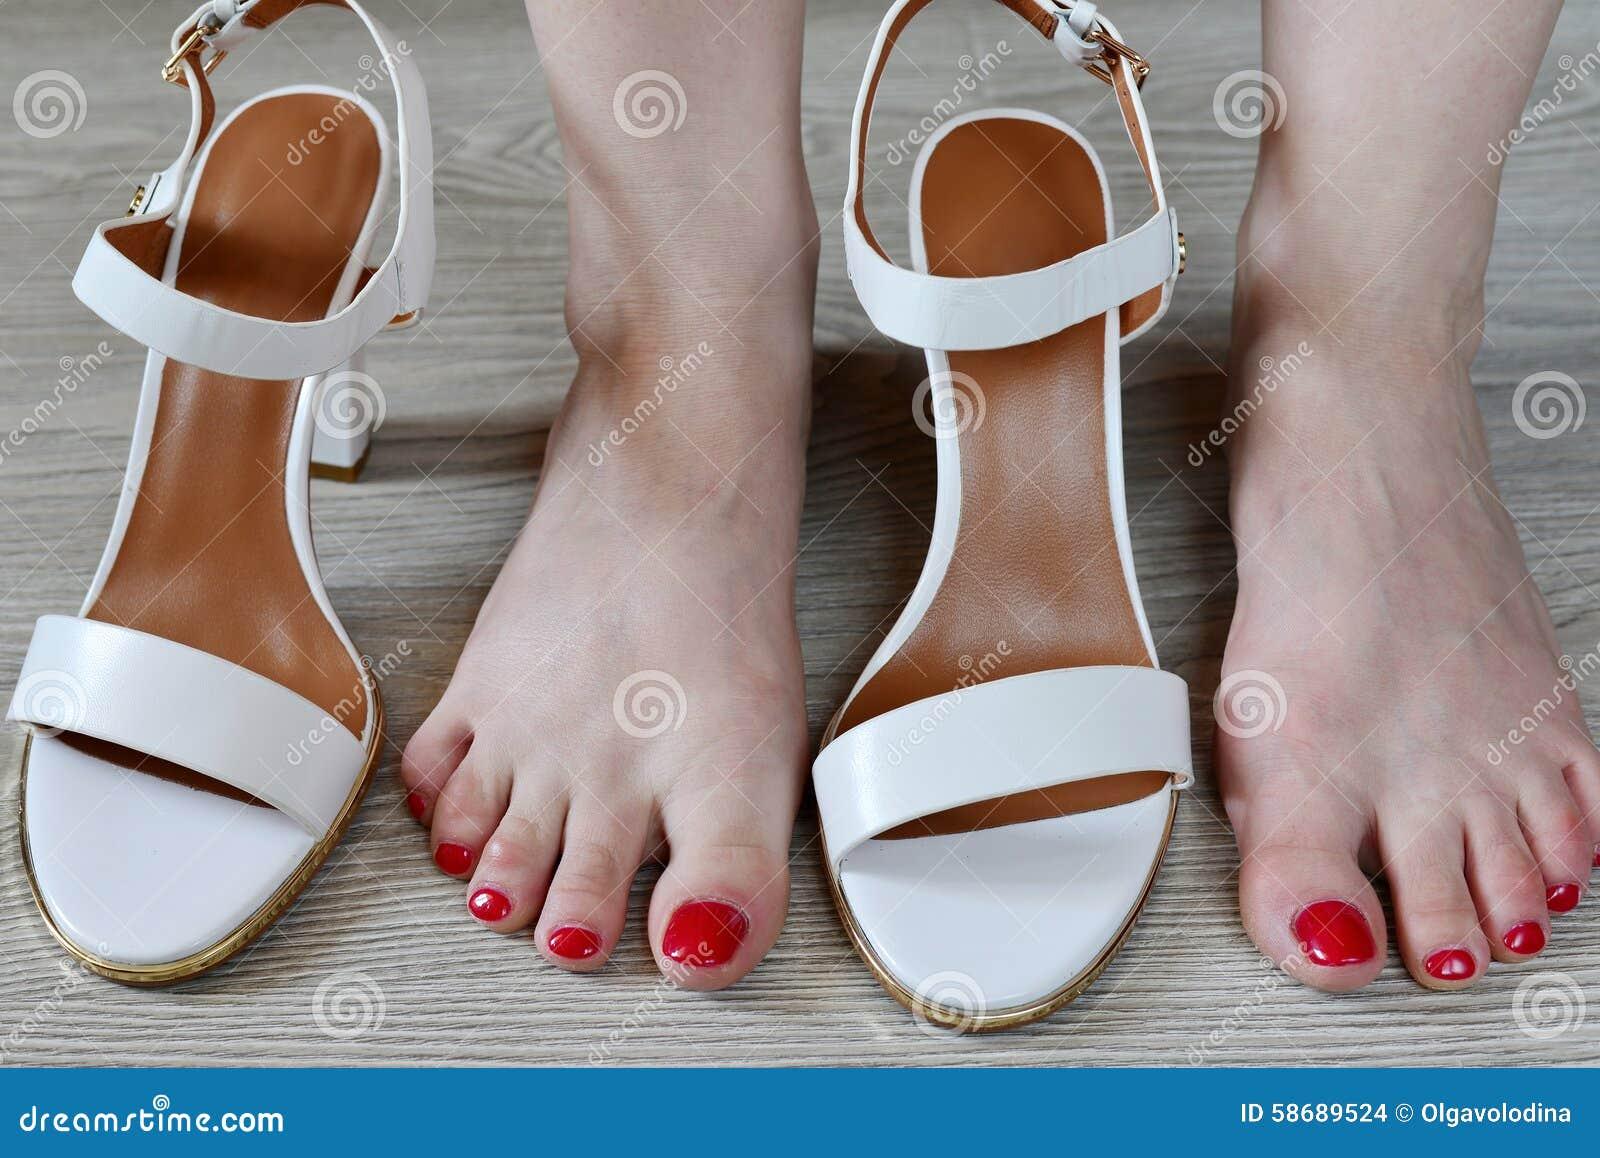 Άσπρα σανδάλια γυναικών πόδια και